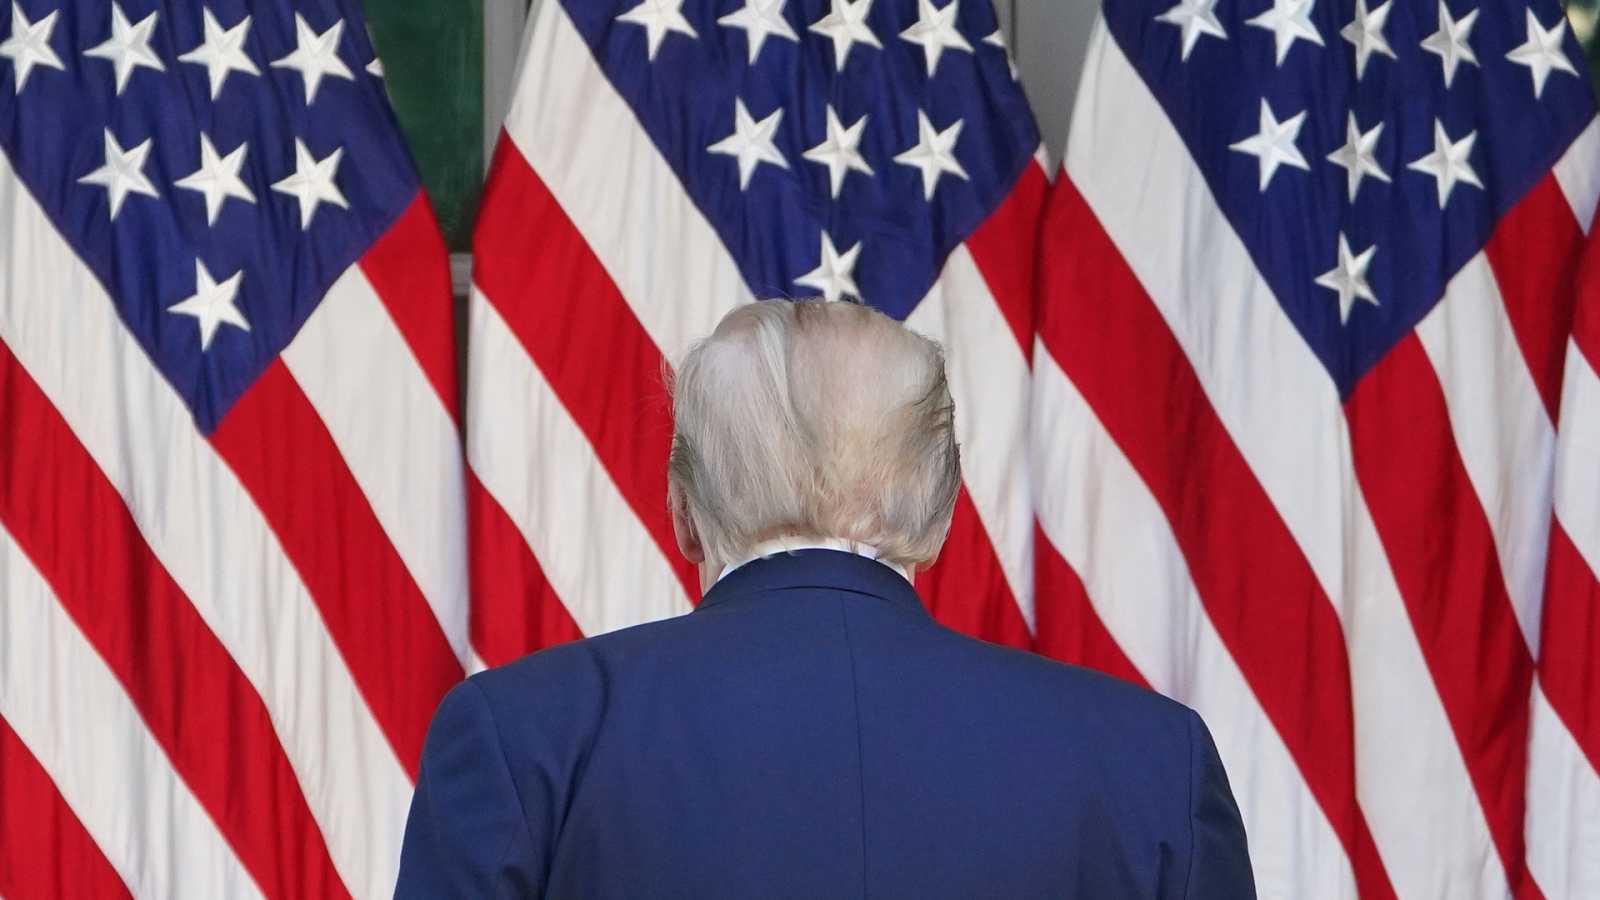 Trump quiere la reapertura para mayo, pero varios estados se oponen - Escuchar ahora